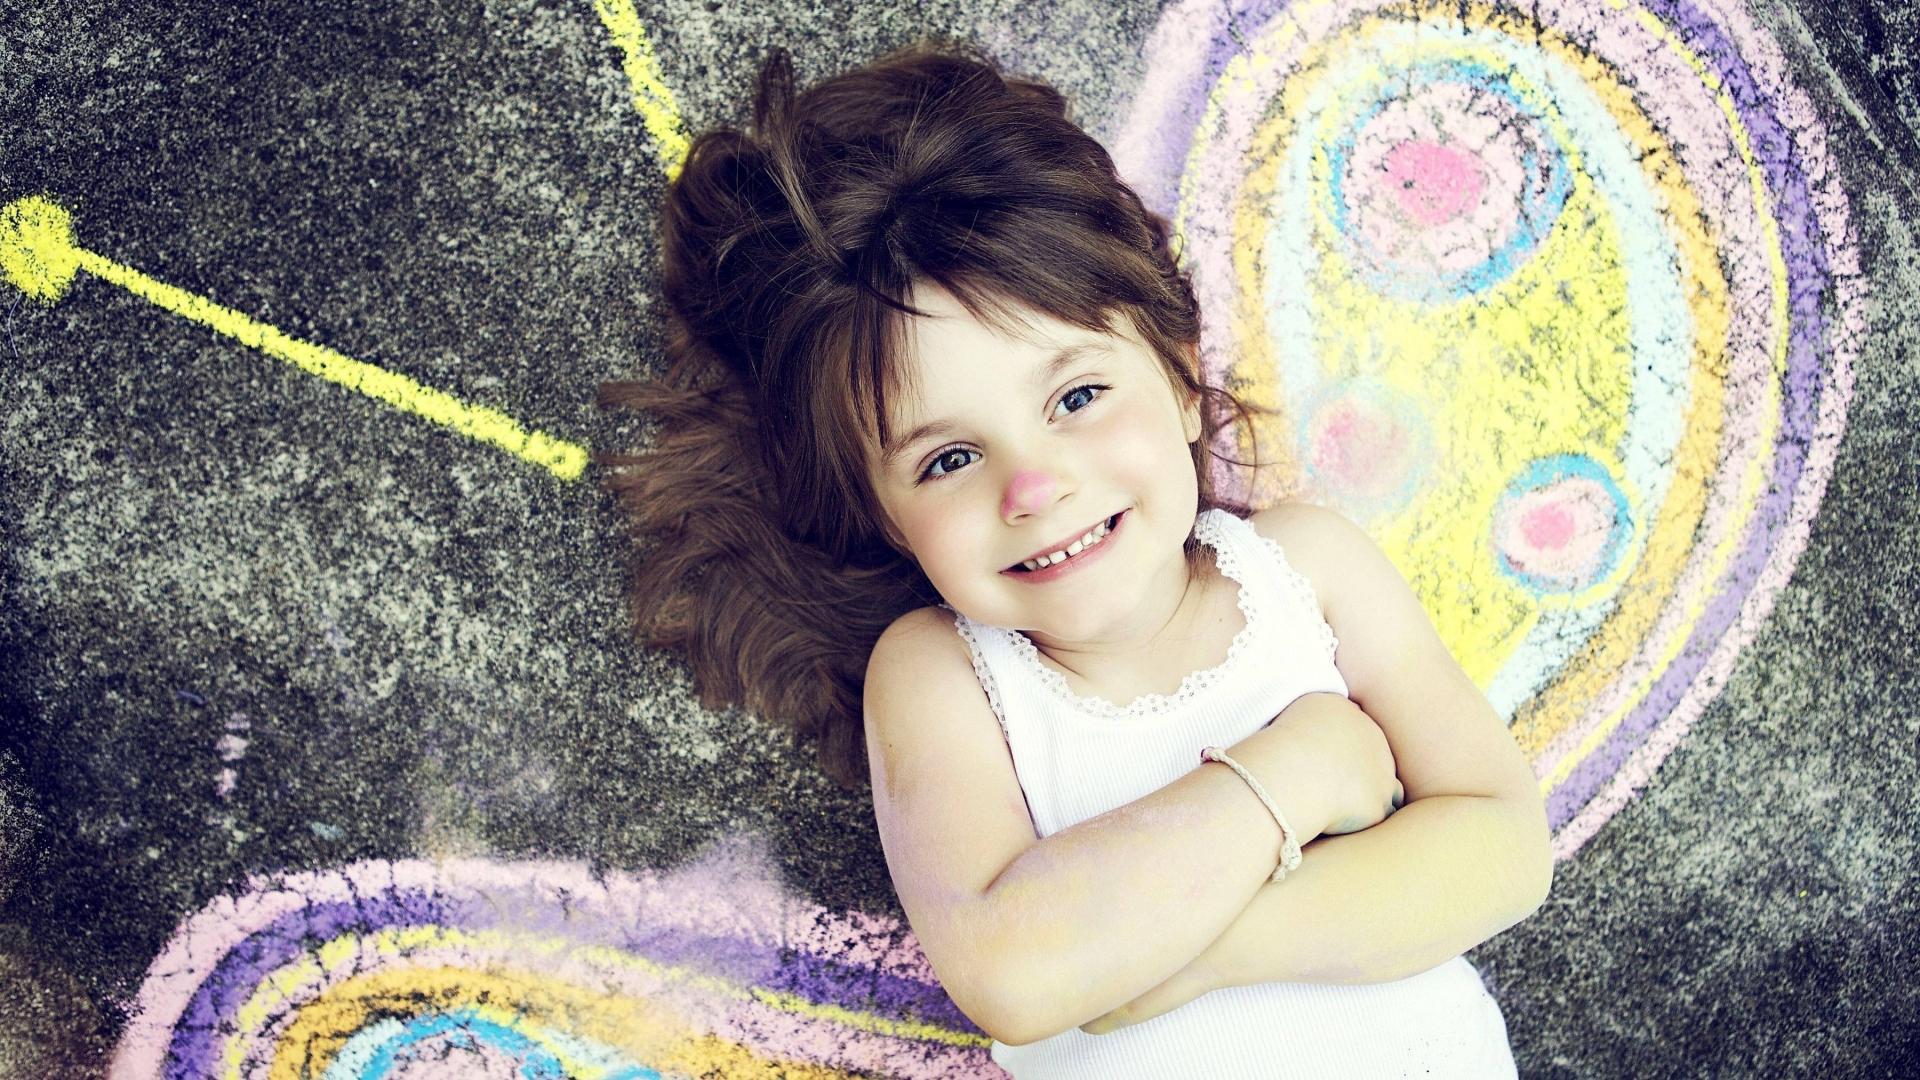 wallpaper baby girl - wallpapersafari